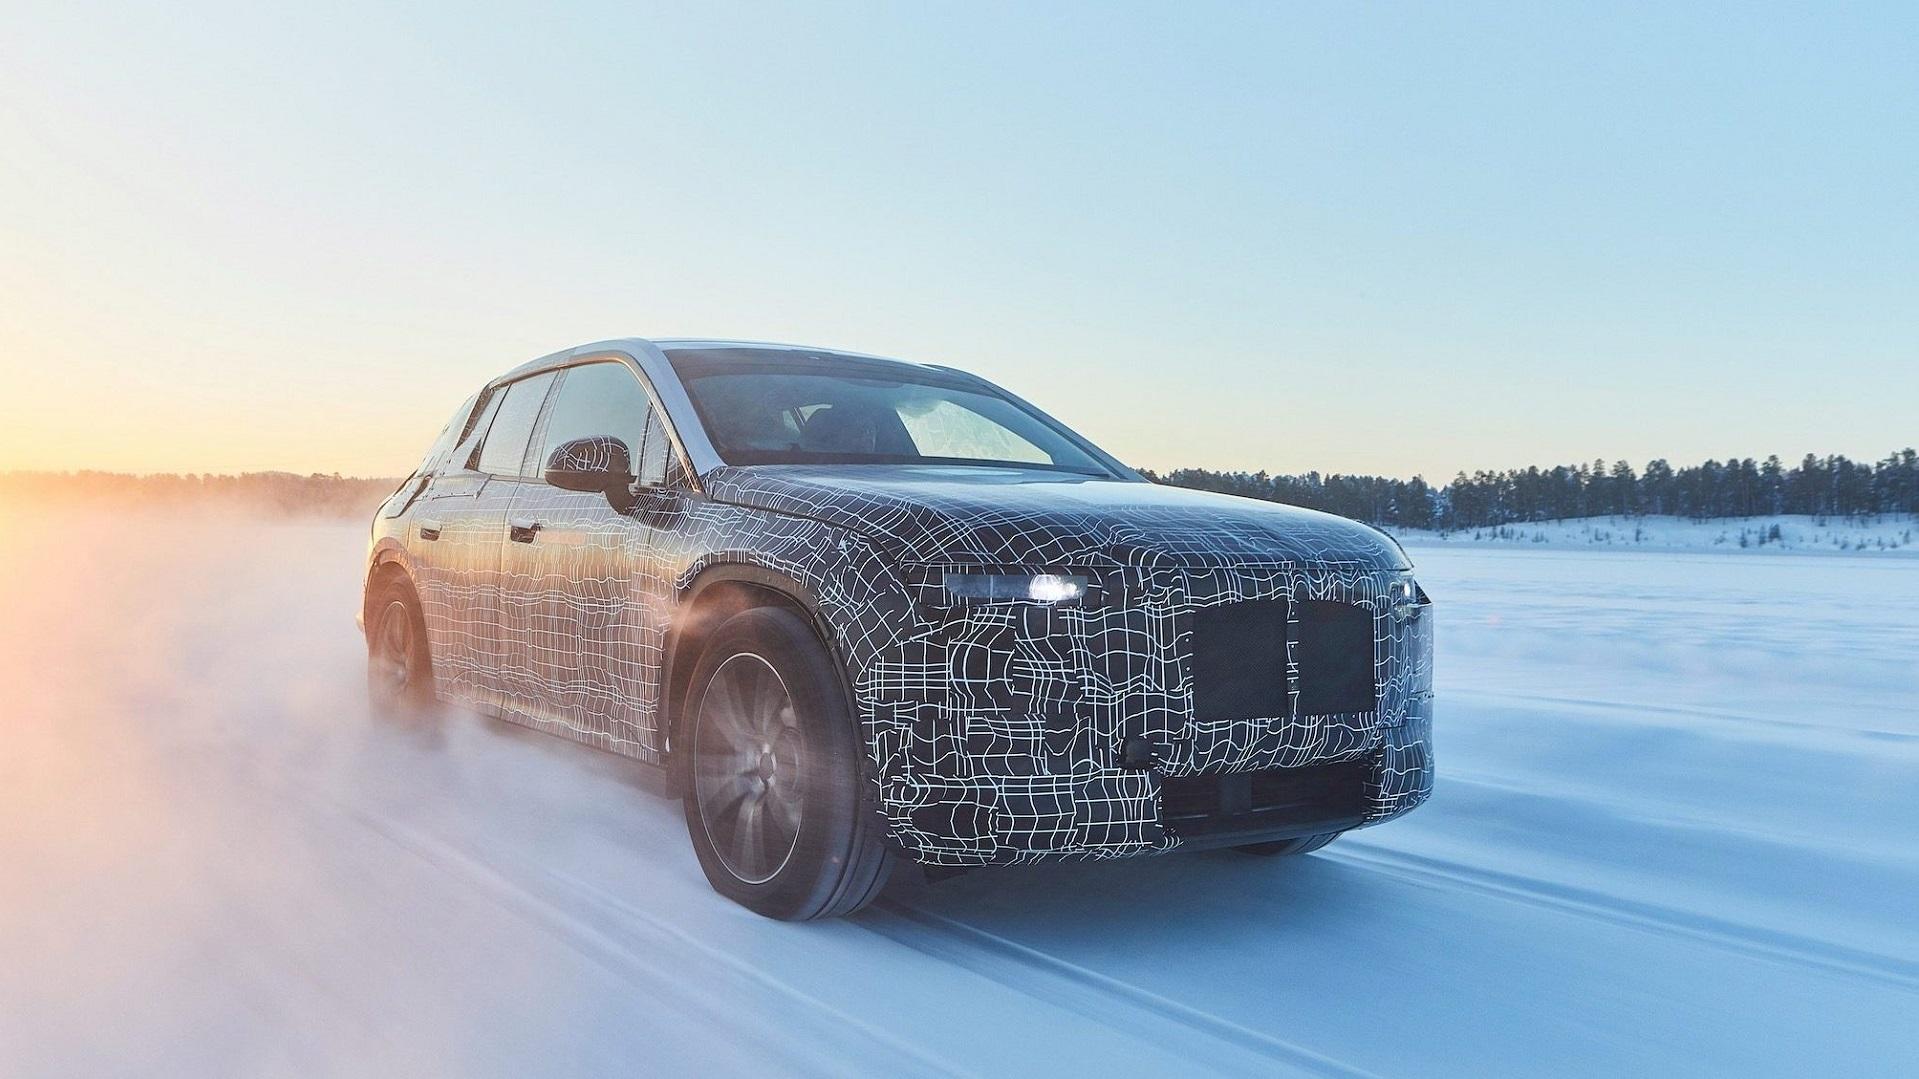 BMW prueba su iNext para competir con el Tesla Model 3